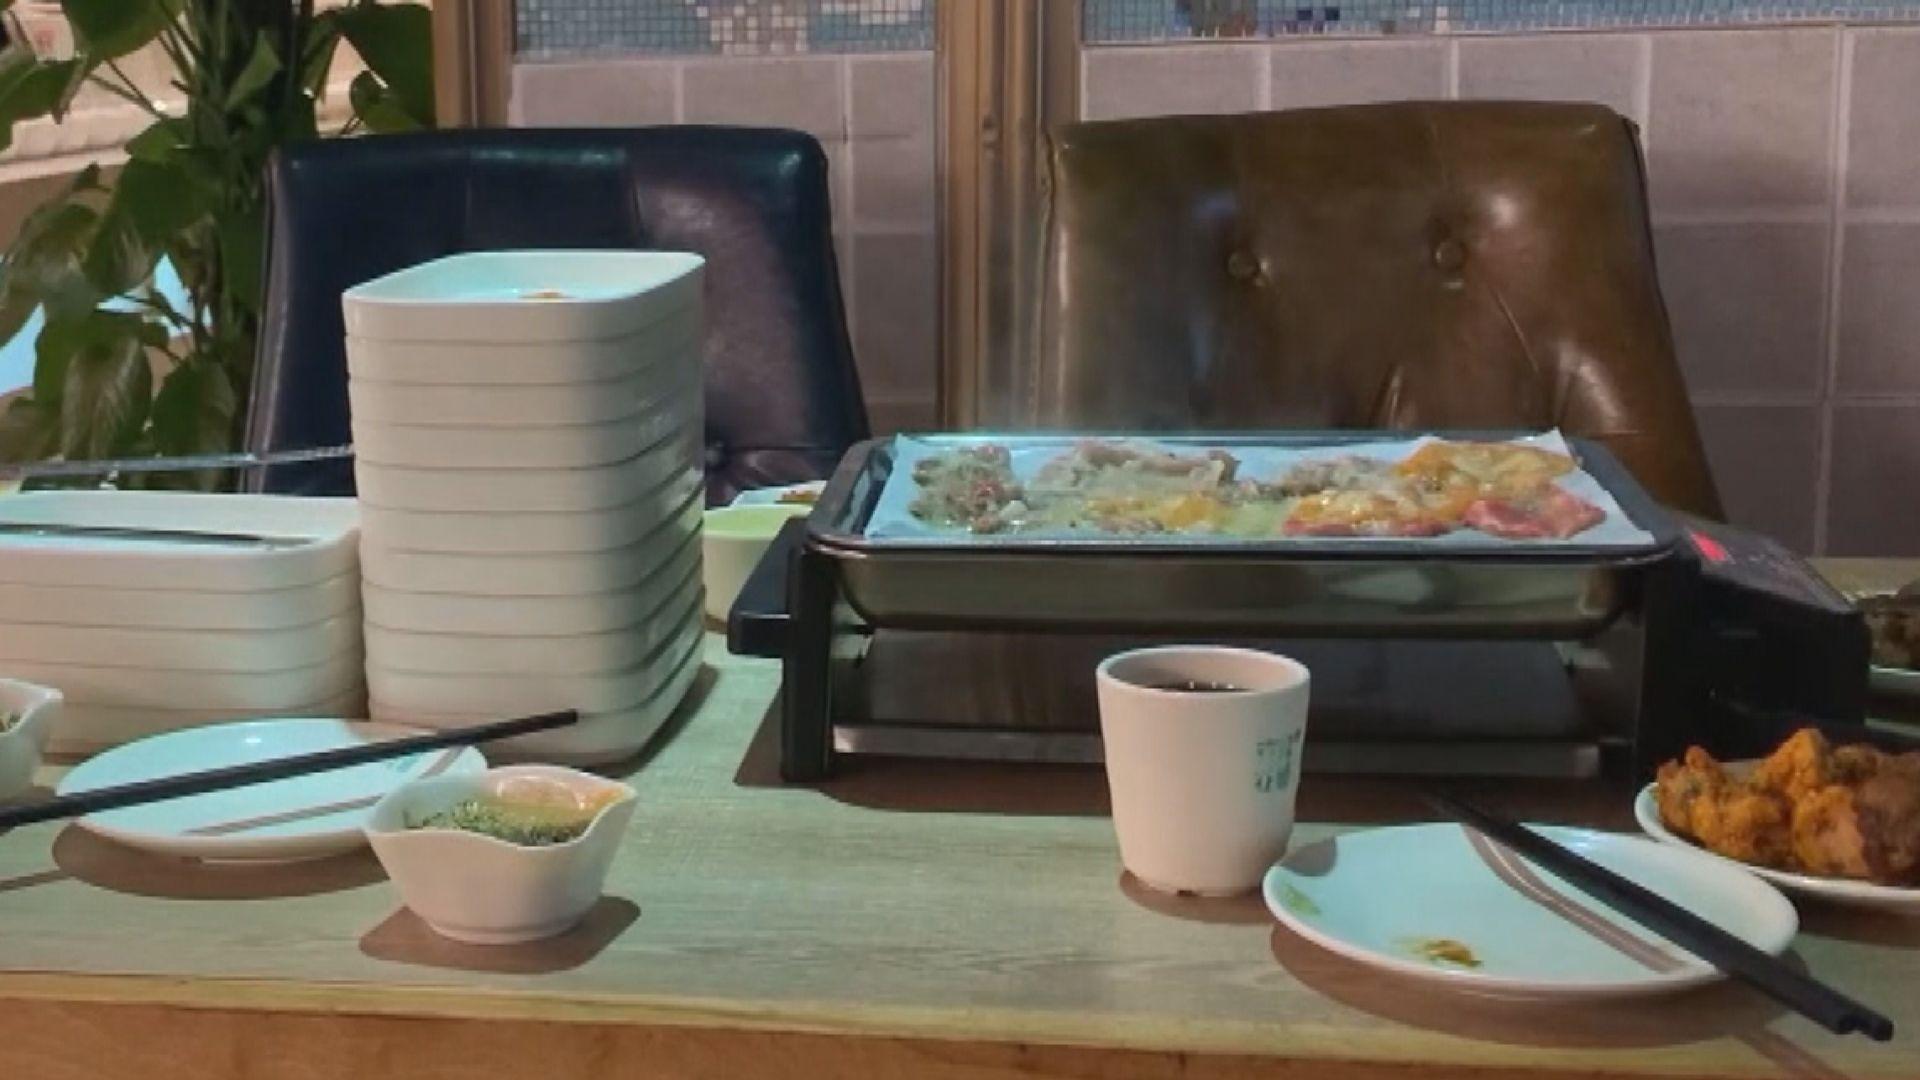 【首都專線】習近平倡節約飲食 餐廳響應避免浪費